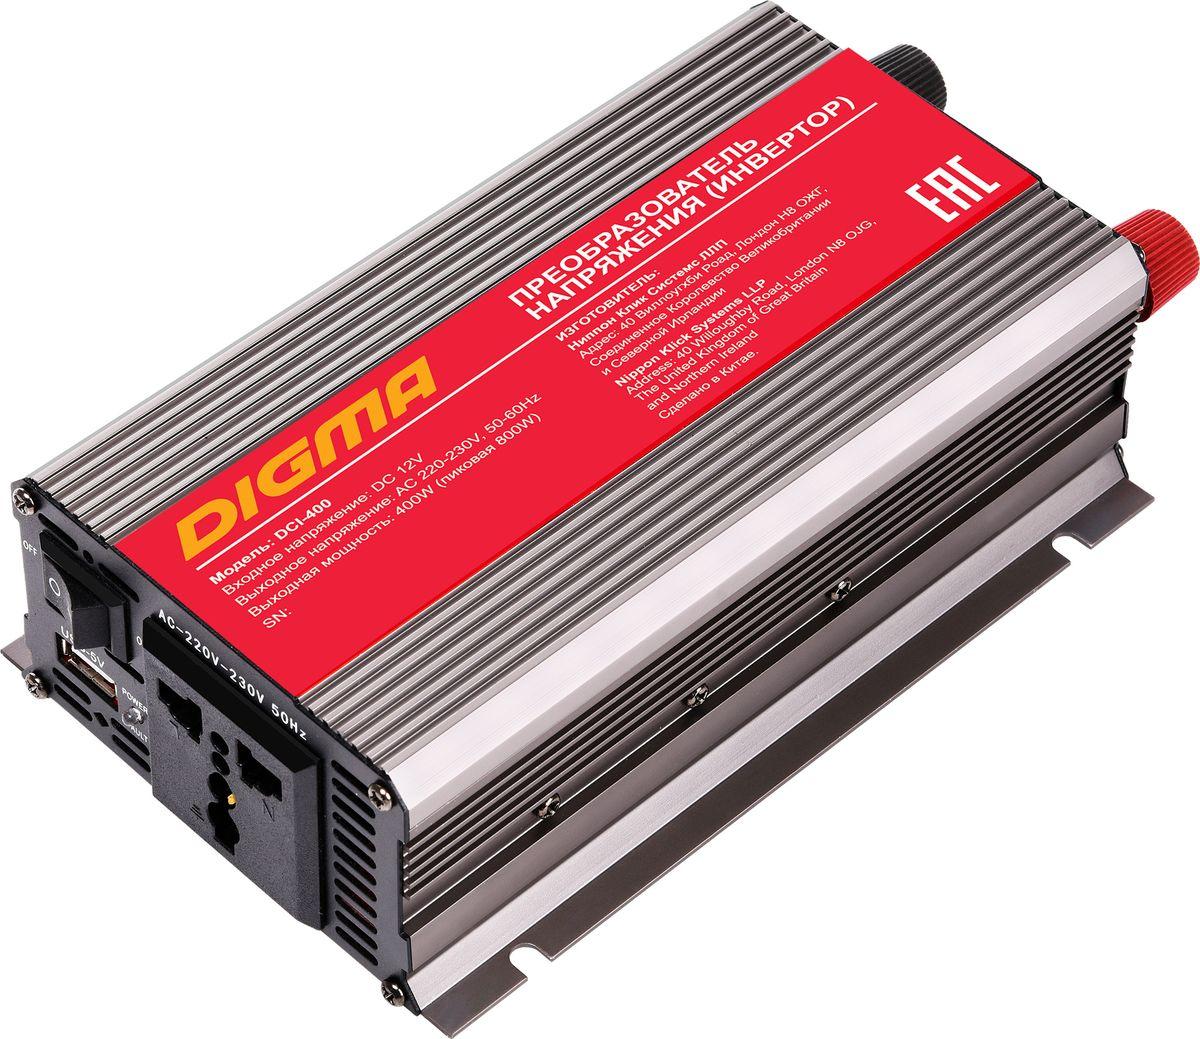 Digma DCI-400 автоинвертерAPI-1000-06Способ подключения к аккумулятору: прикуриватель или клеммы Порт USBЗащита от неправильной полярности Защита от перегрузок Кратковременная пиковая мощность: 800 Вт Выходная мощность: 400 Вт Входное напряжение (DC): 11-15В Выходное напряжение (AC): 230 Размеры: 98x165x55мм Срок гарантии: 12 мес.